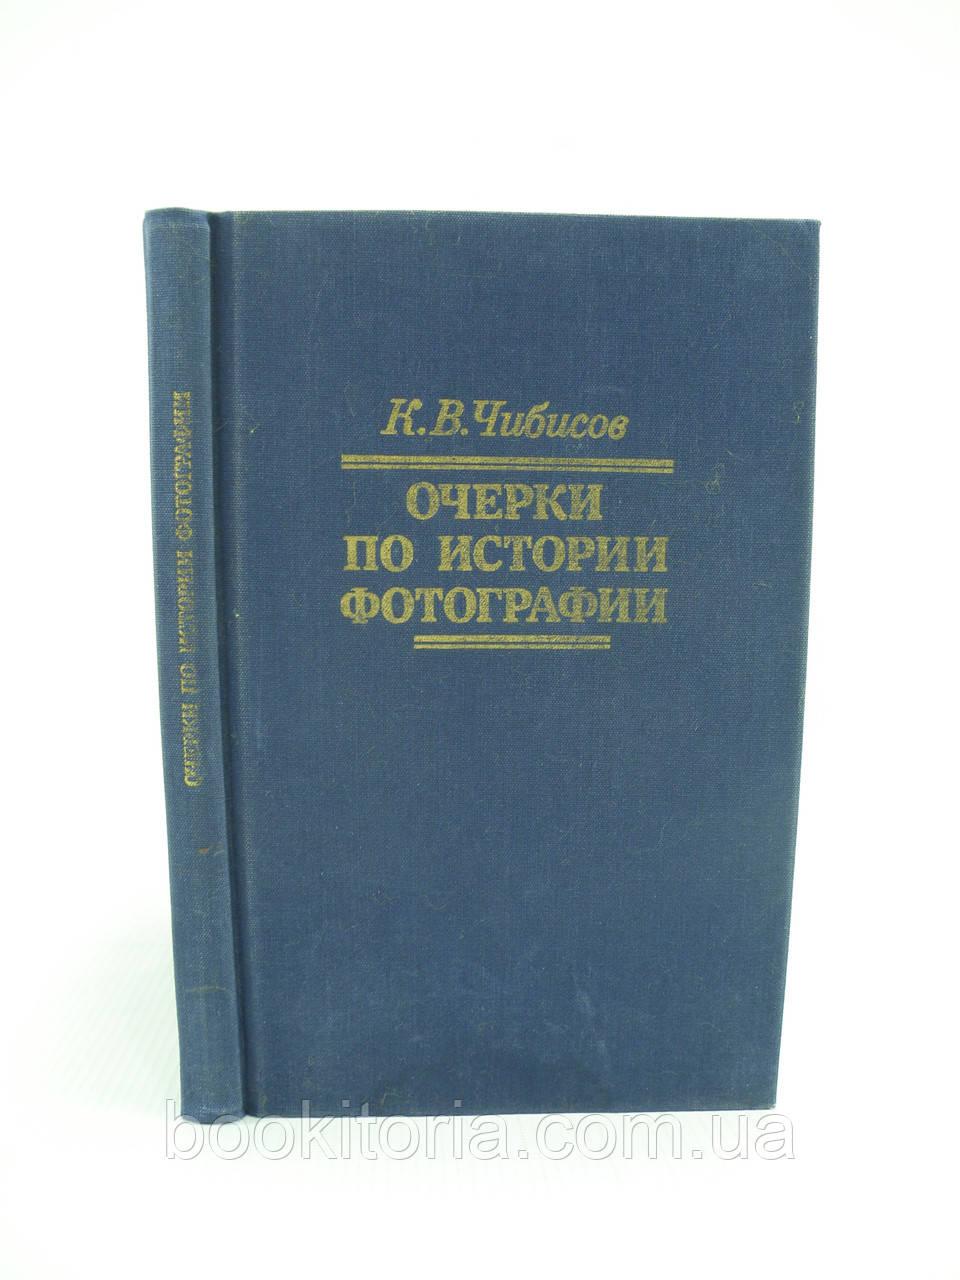 Чибисов К. Очерки по истории фотографии (б/у).